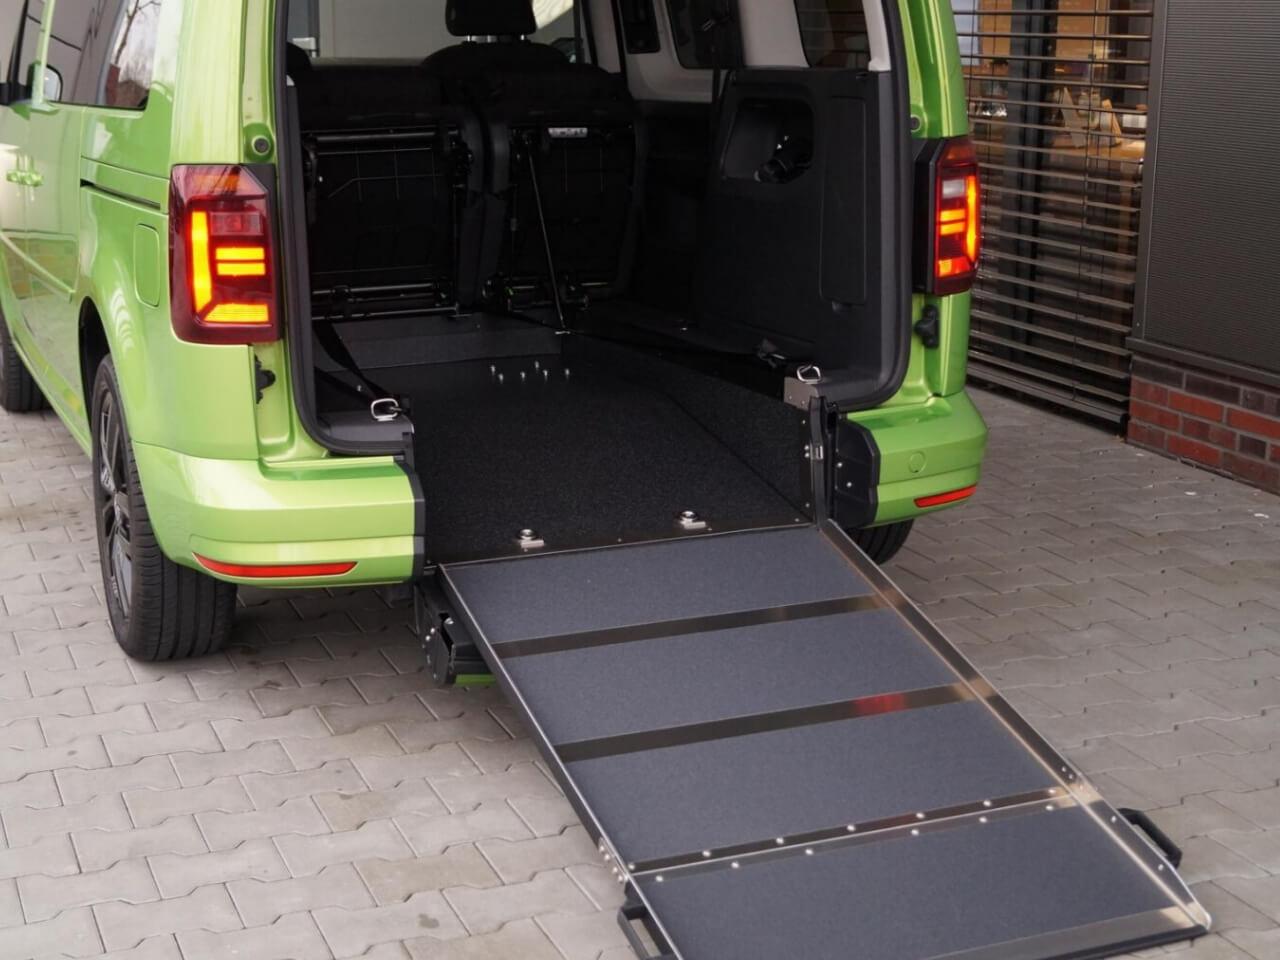 VW behindertengerechte Autos für Rollstuhlfahrer - Fricke Behindertenfahrzeuge (2)